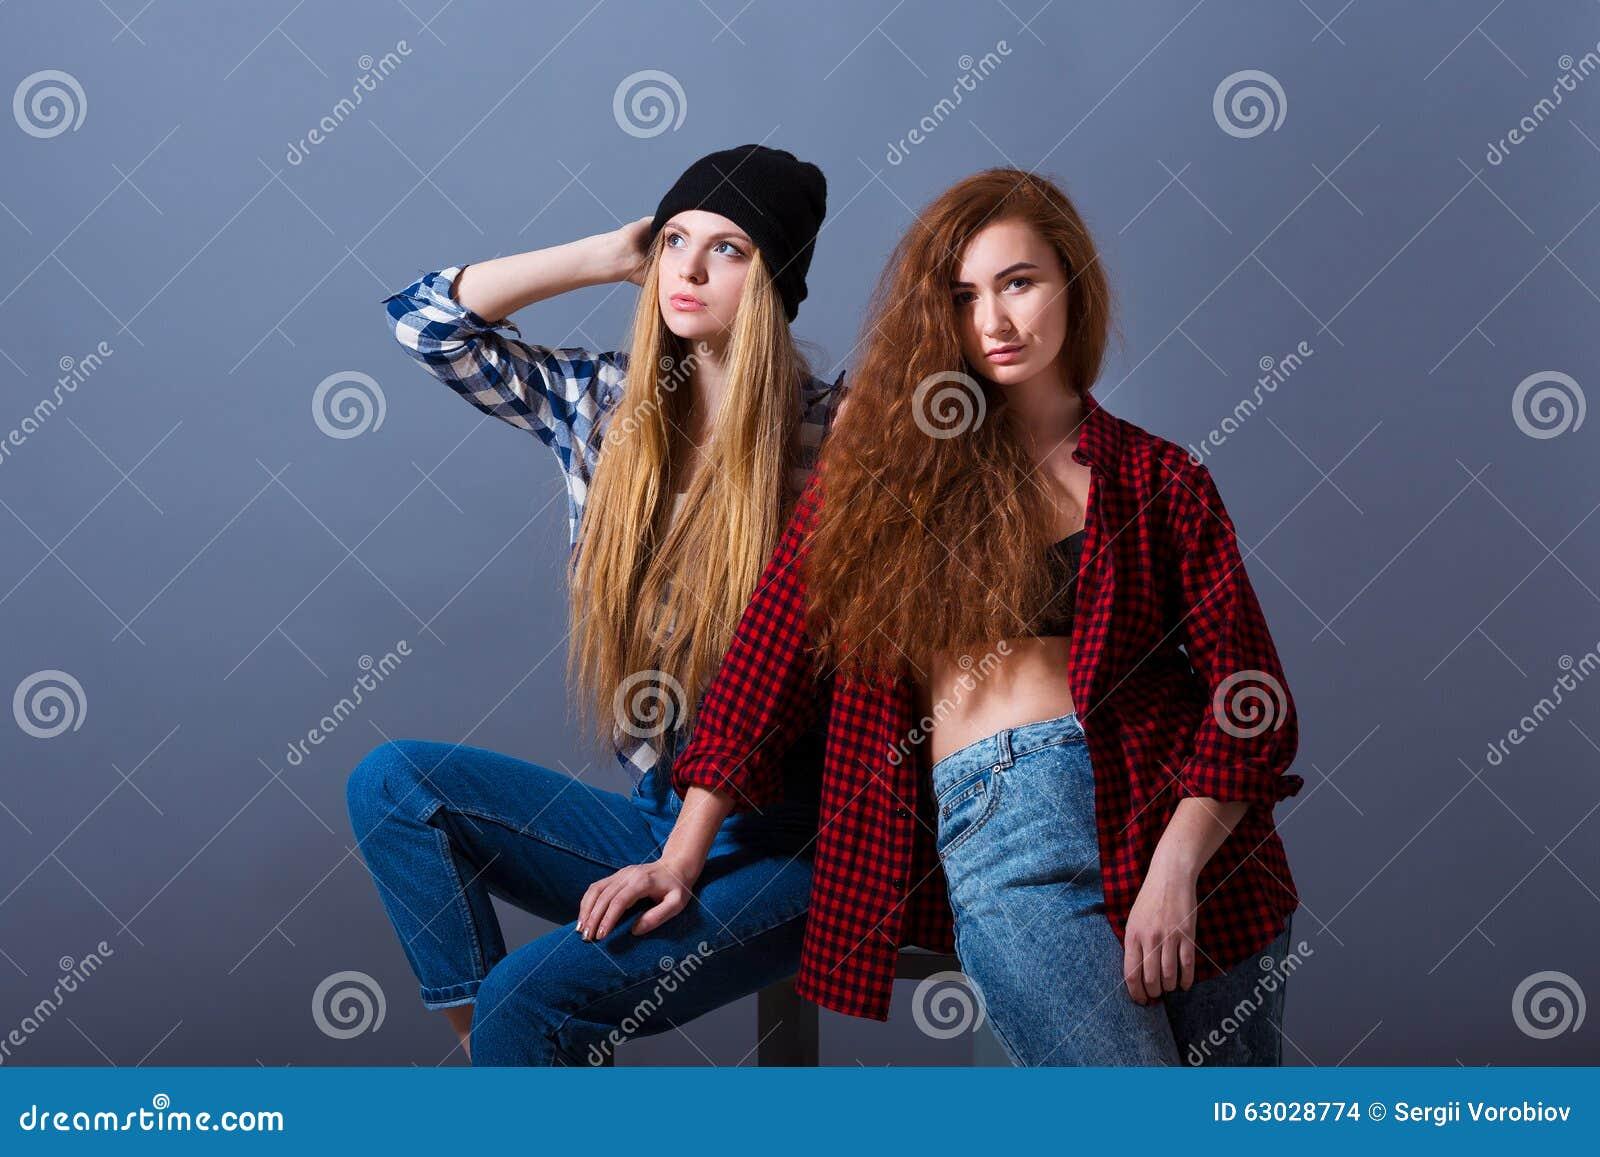 dos chicas jvenes atractivas hermosas en vaqueros moda